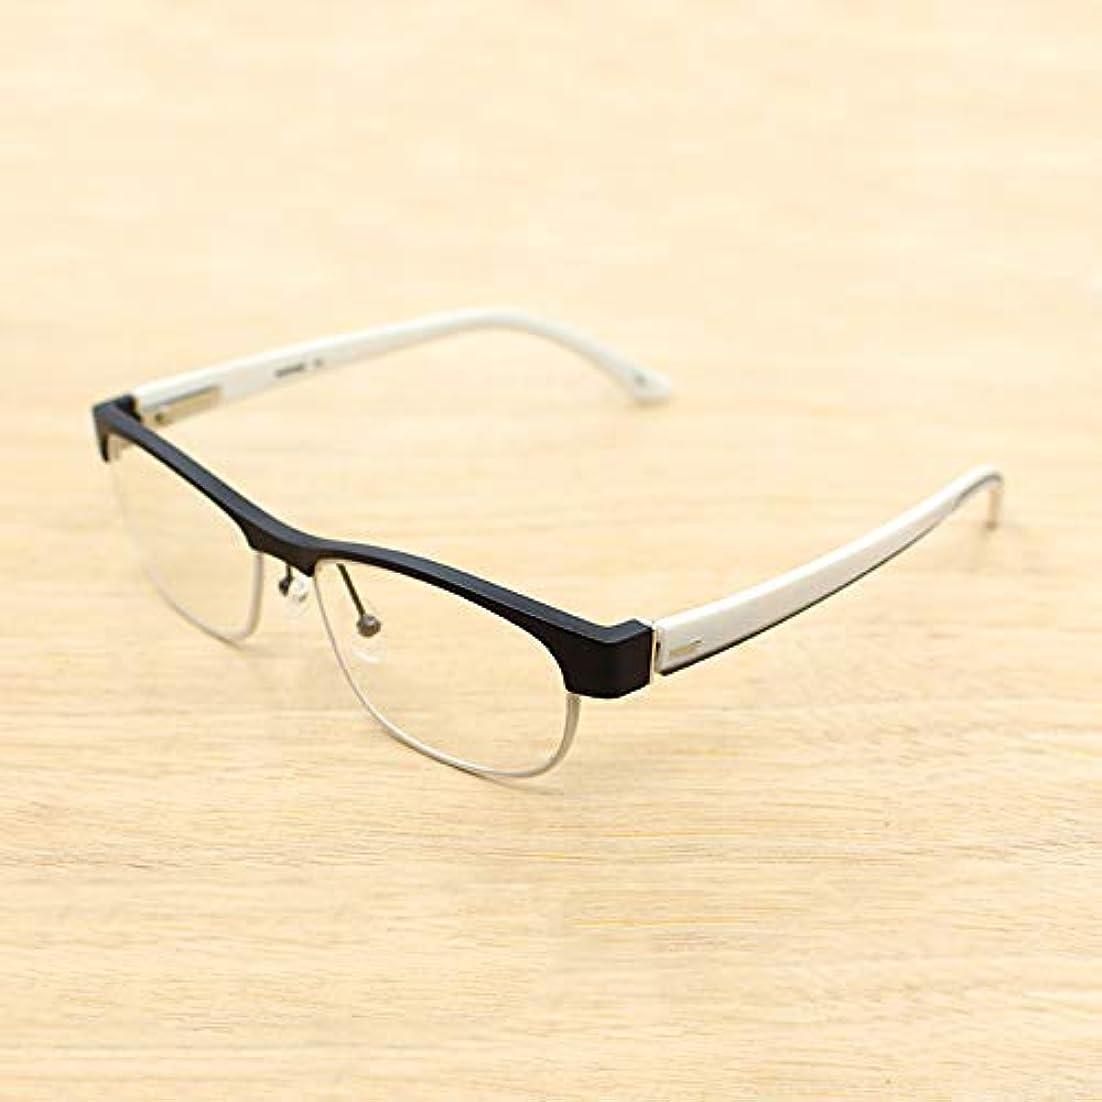 ハーフフレーム老眼鏡、男性用および女性用老眼鏡、スタイリッシュなツートンカラーメガネ、アンチブルー抗疲労コンピュータ用メガネ、読書およびオフィス用、メガネケース付き